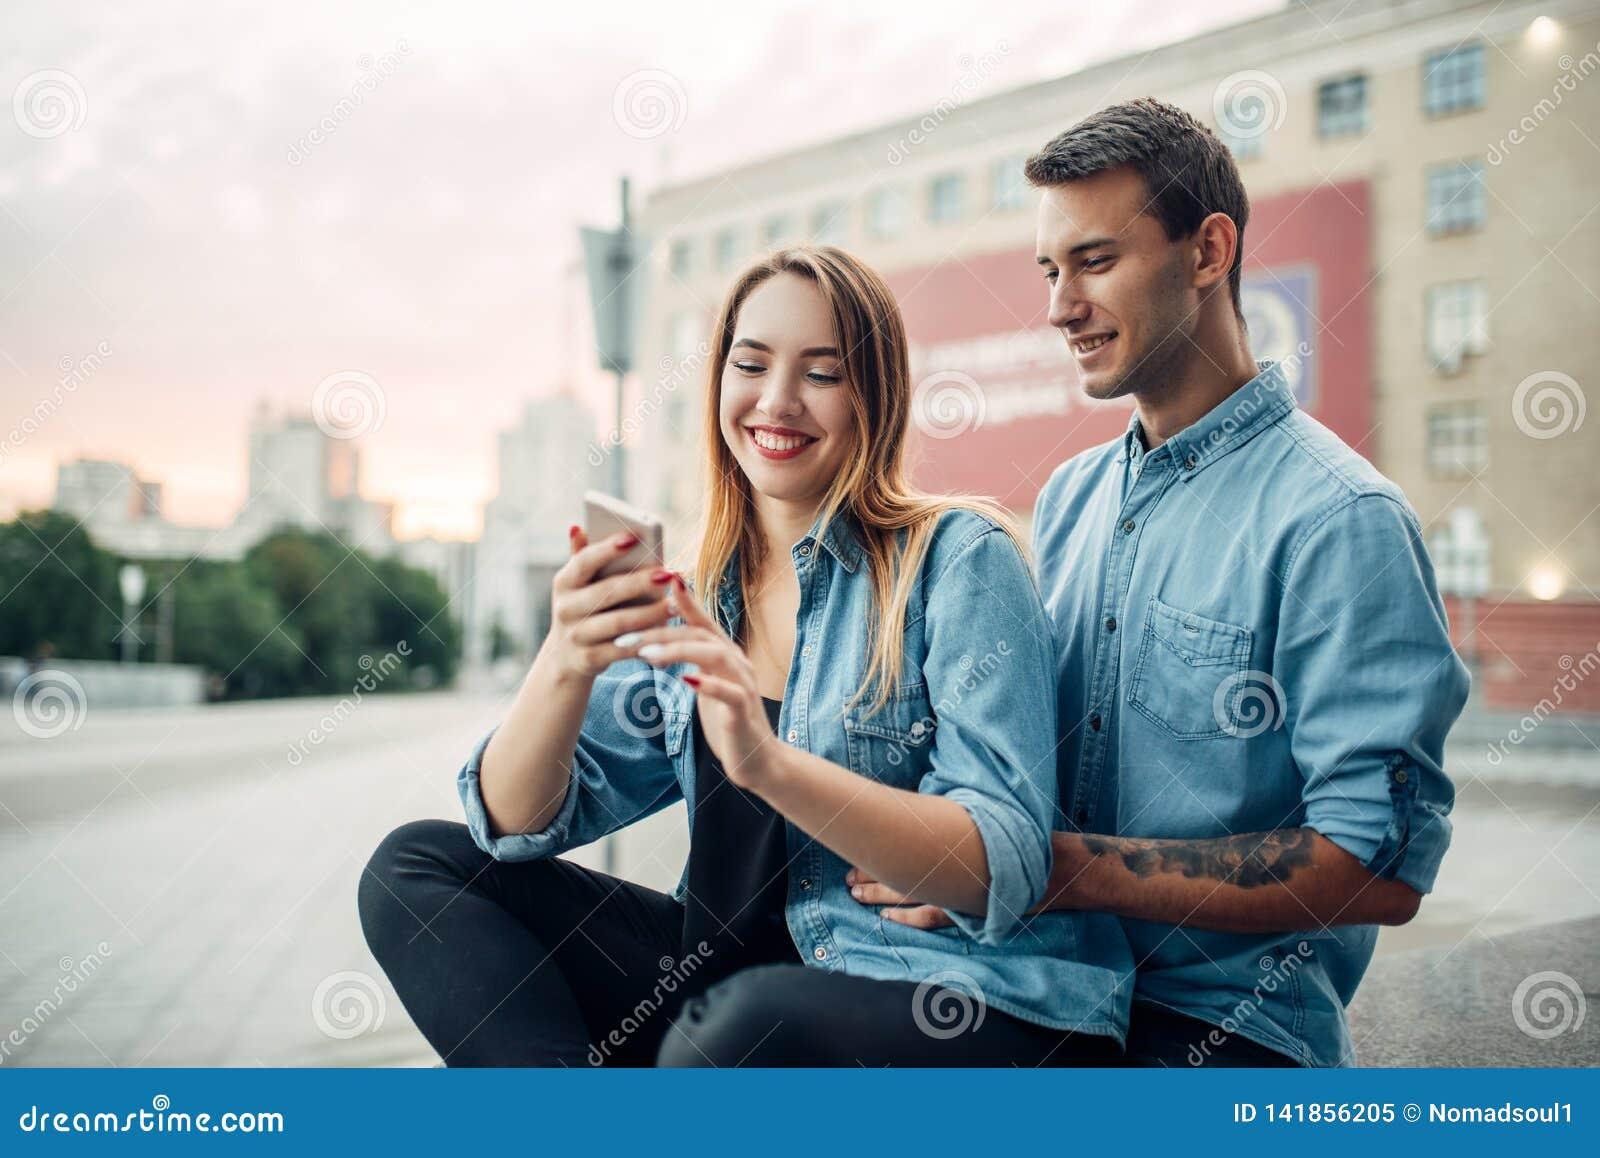 Telefonsüchtigpaare können nicht ohne Geräte leben